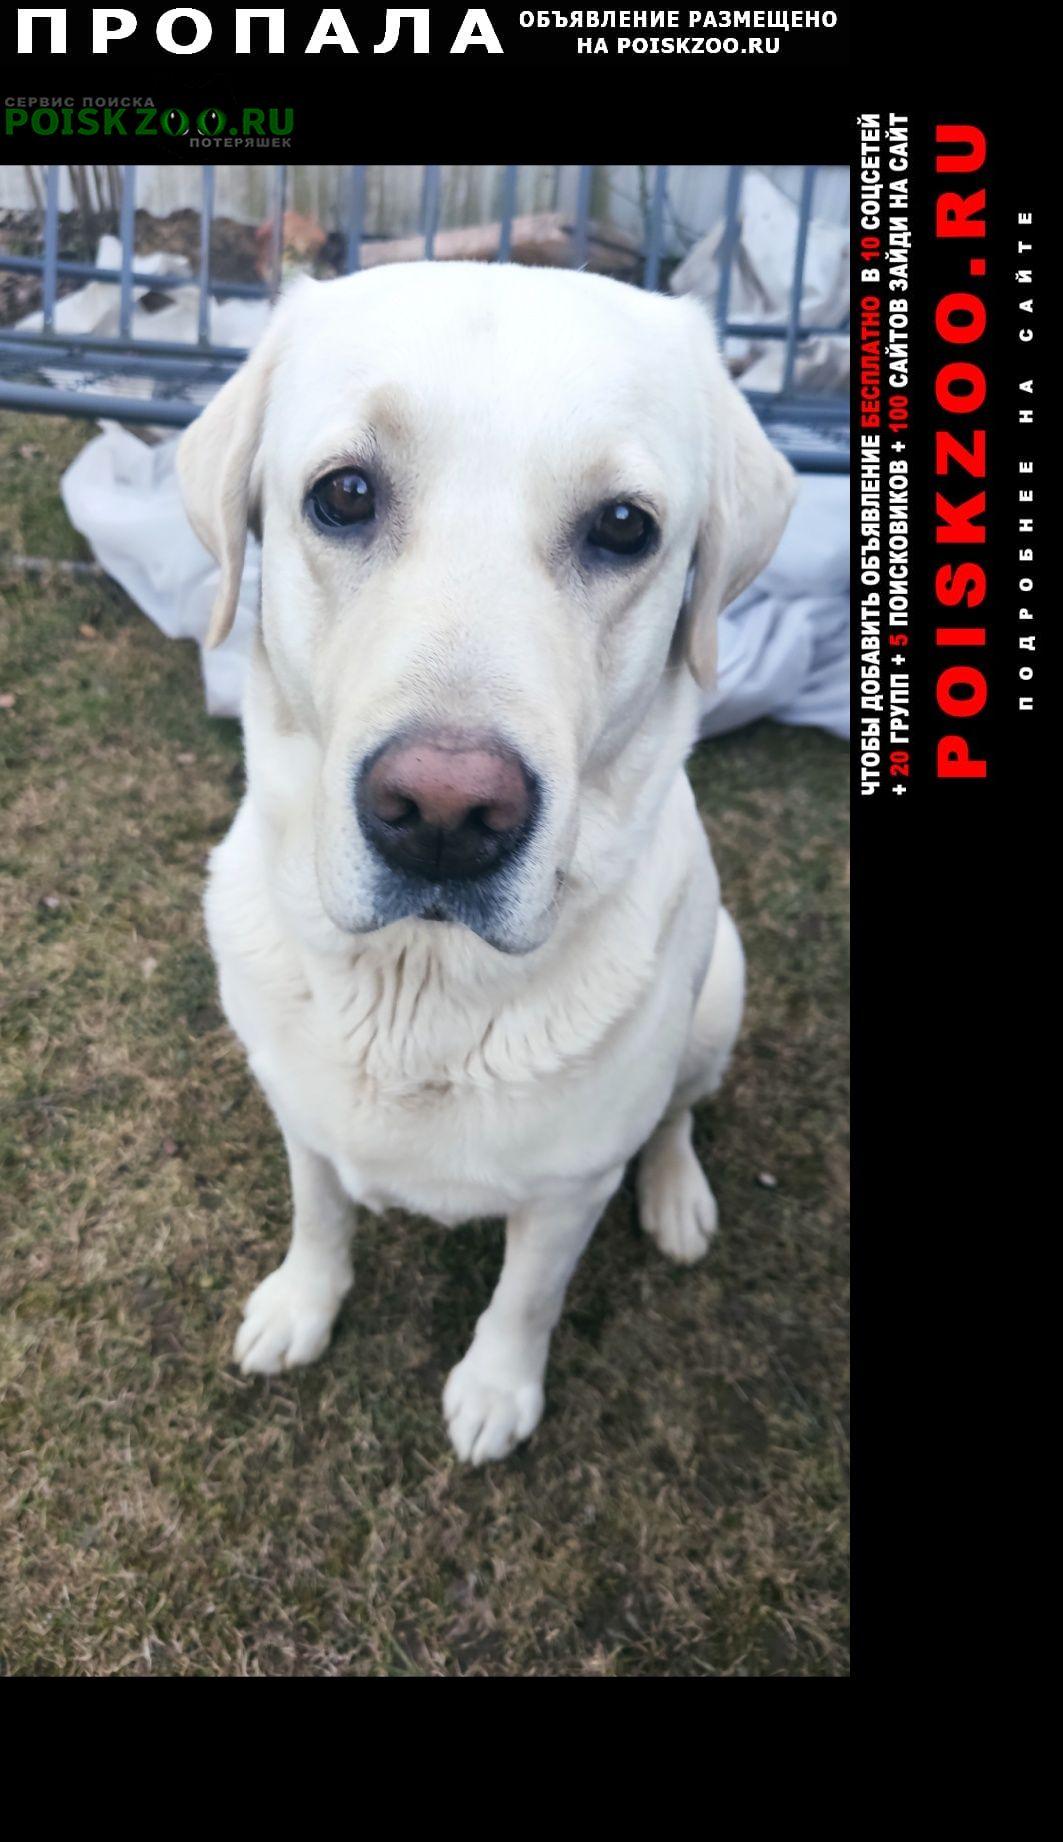 Солнечногорск Пропала собака кобель белый лабрадор